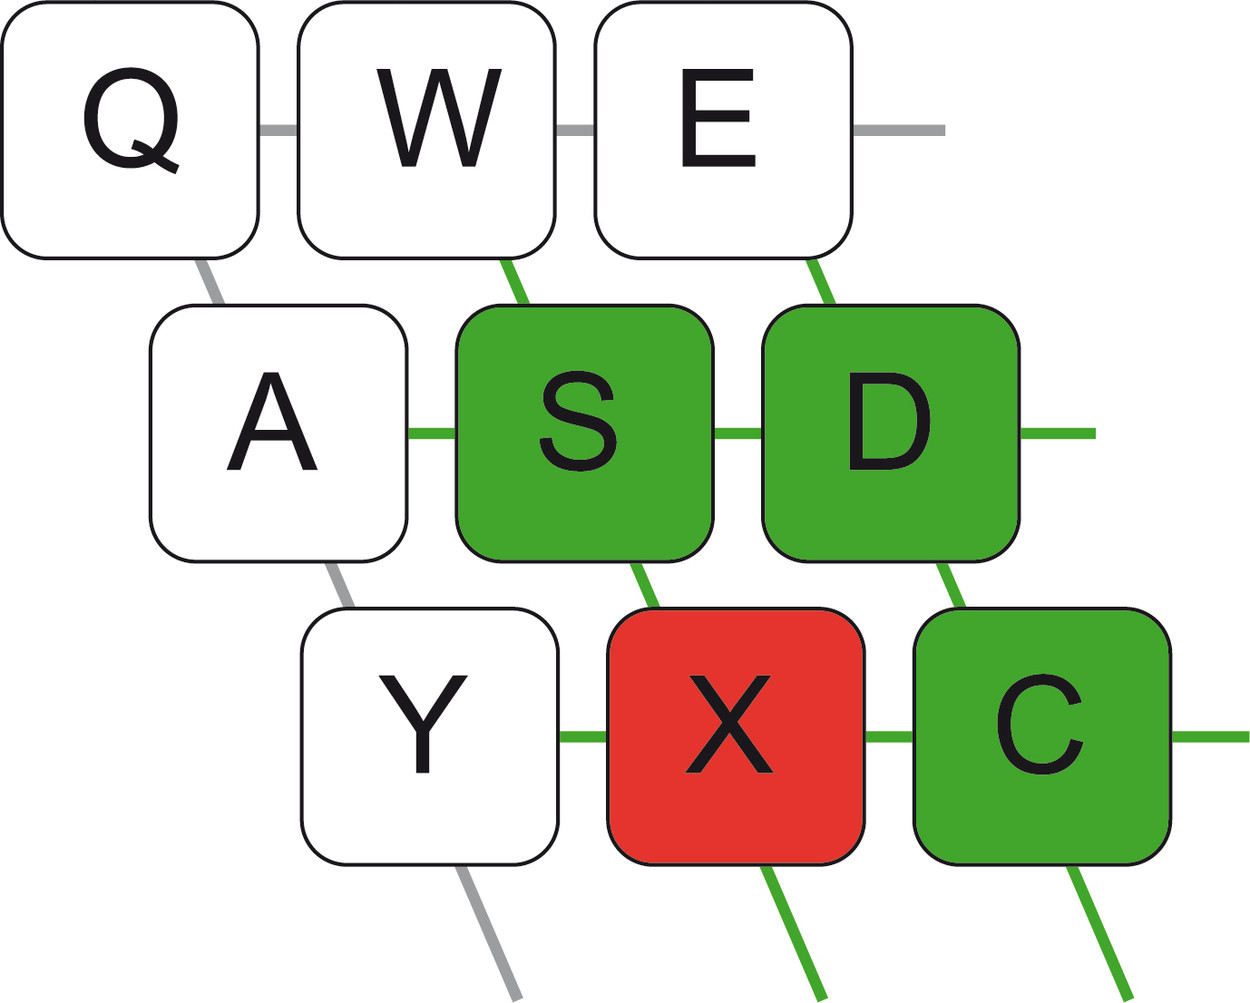 Ghosting: Obwohl nur die Tasten S, D und C gedrückt werden, wird auch X weitergeleitet